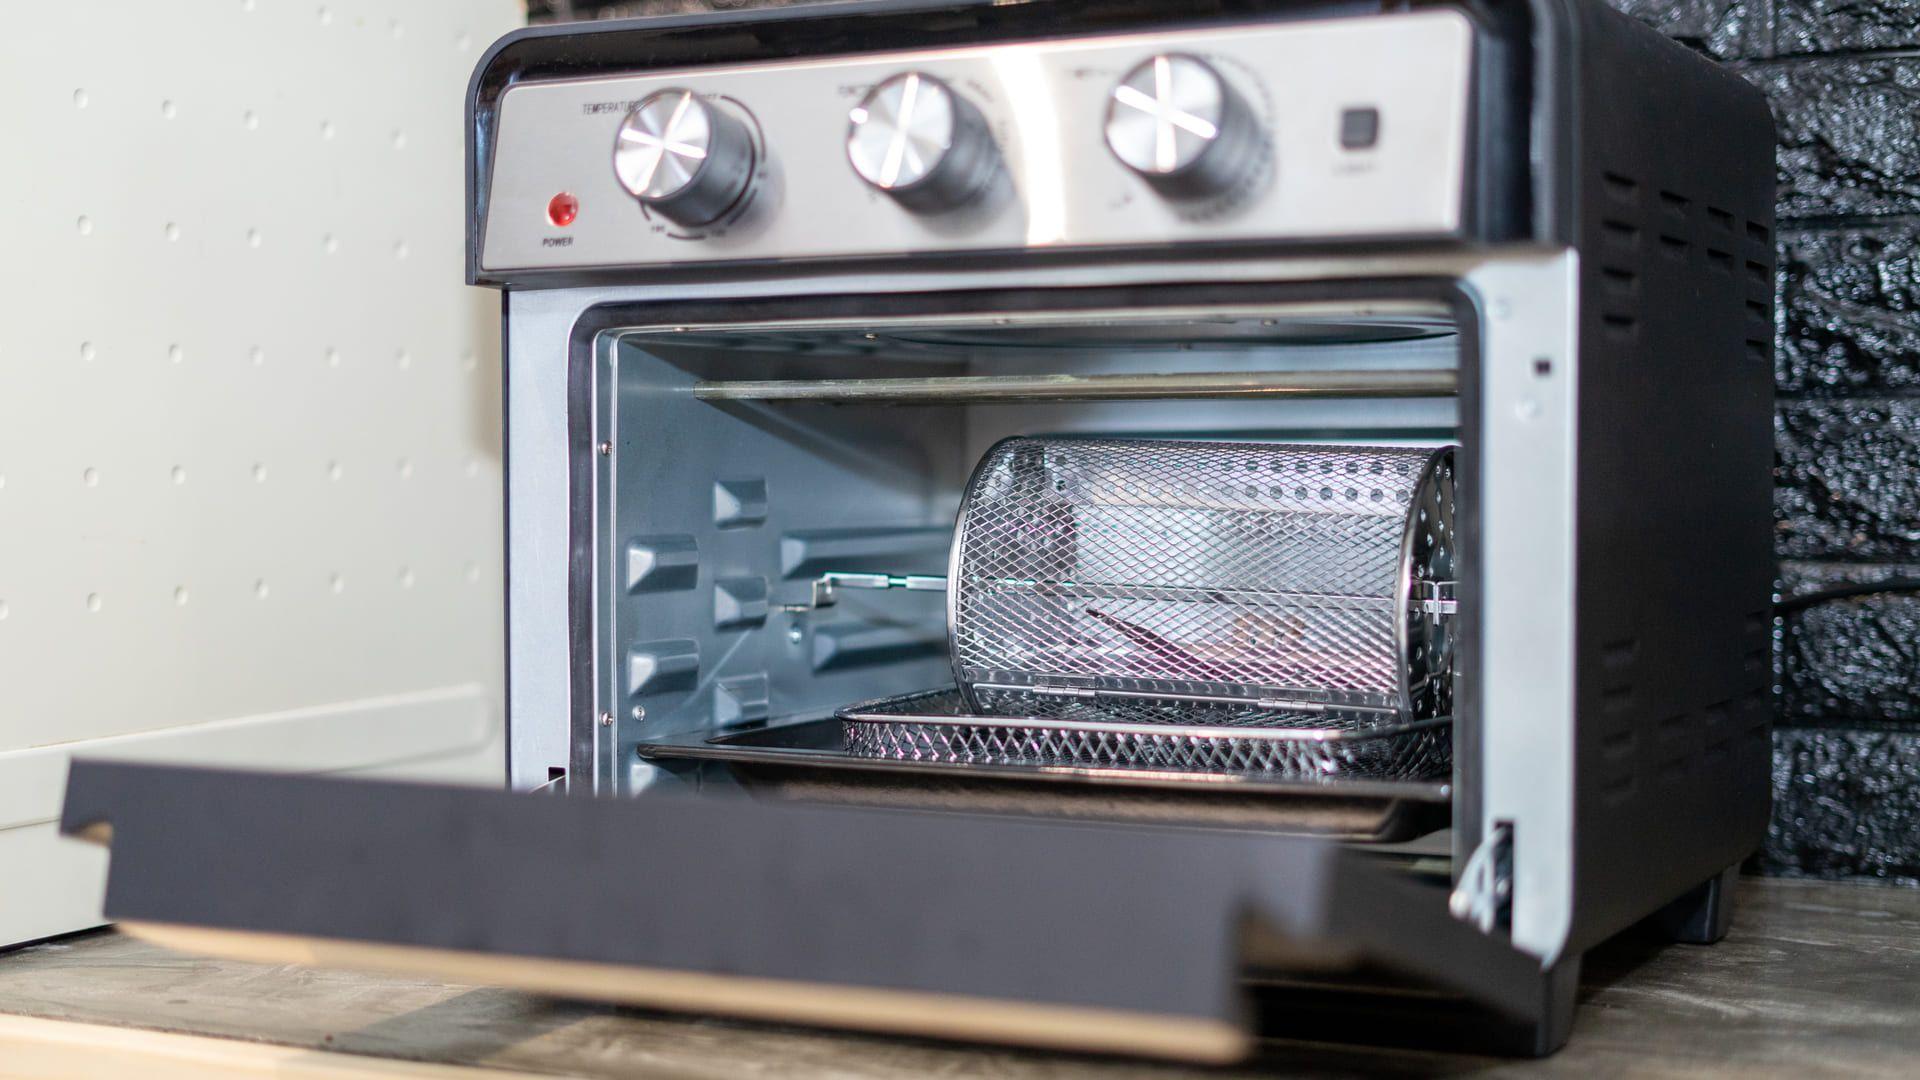 O forno elétrico pode servir tanto para o preparo mais elaborado, quanto para esquentar pratos pontuais. (Imagem: Reprodução/Shutterstock)